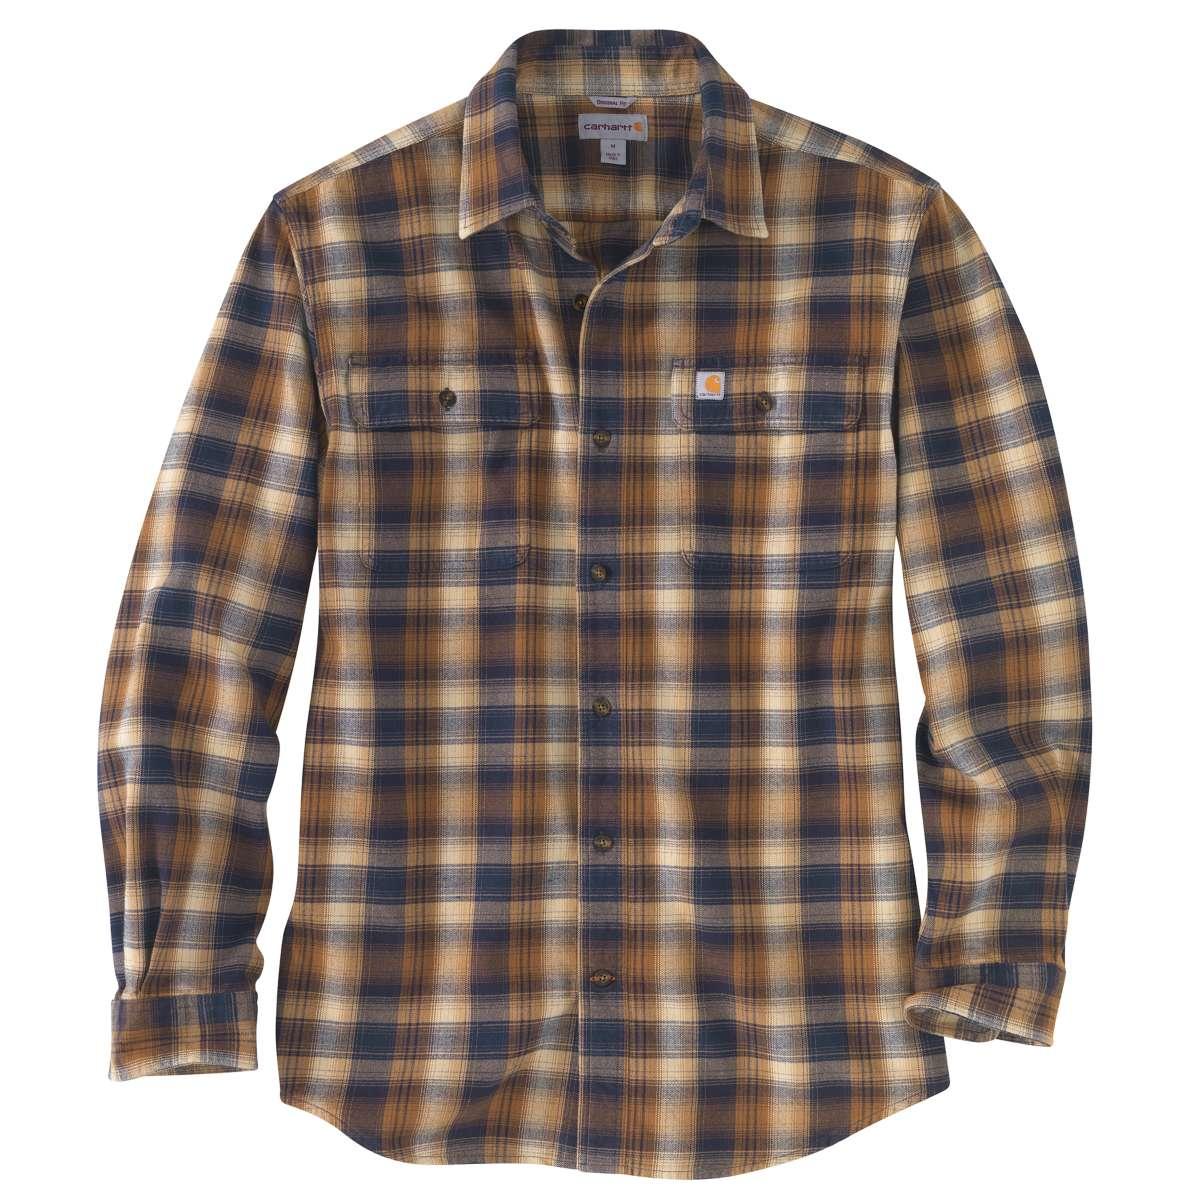 Carhartt Men's Hubbard Flannel Long-Sleeve Shirt, Extended Sizes - Blue, 3XL